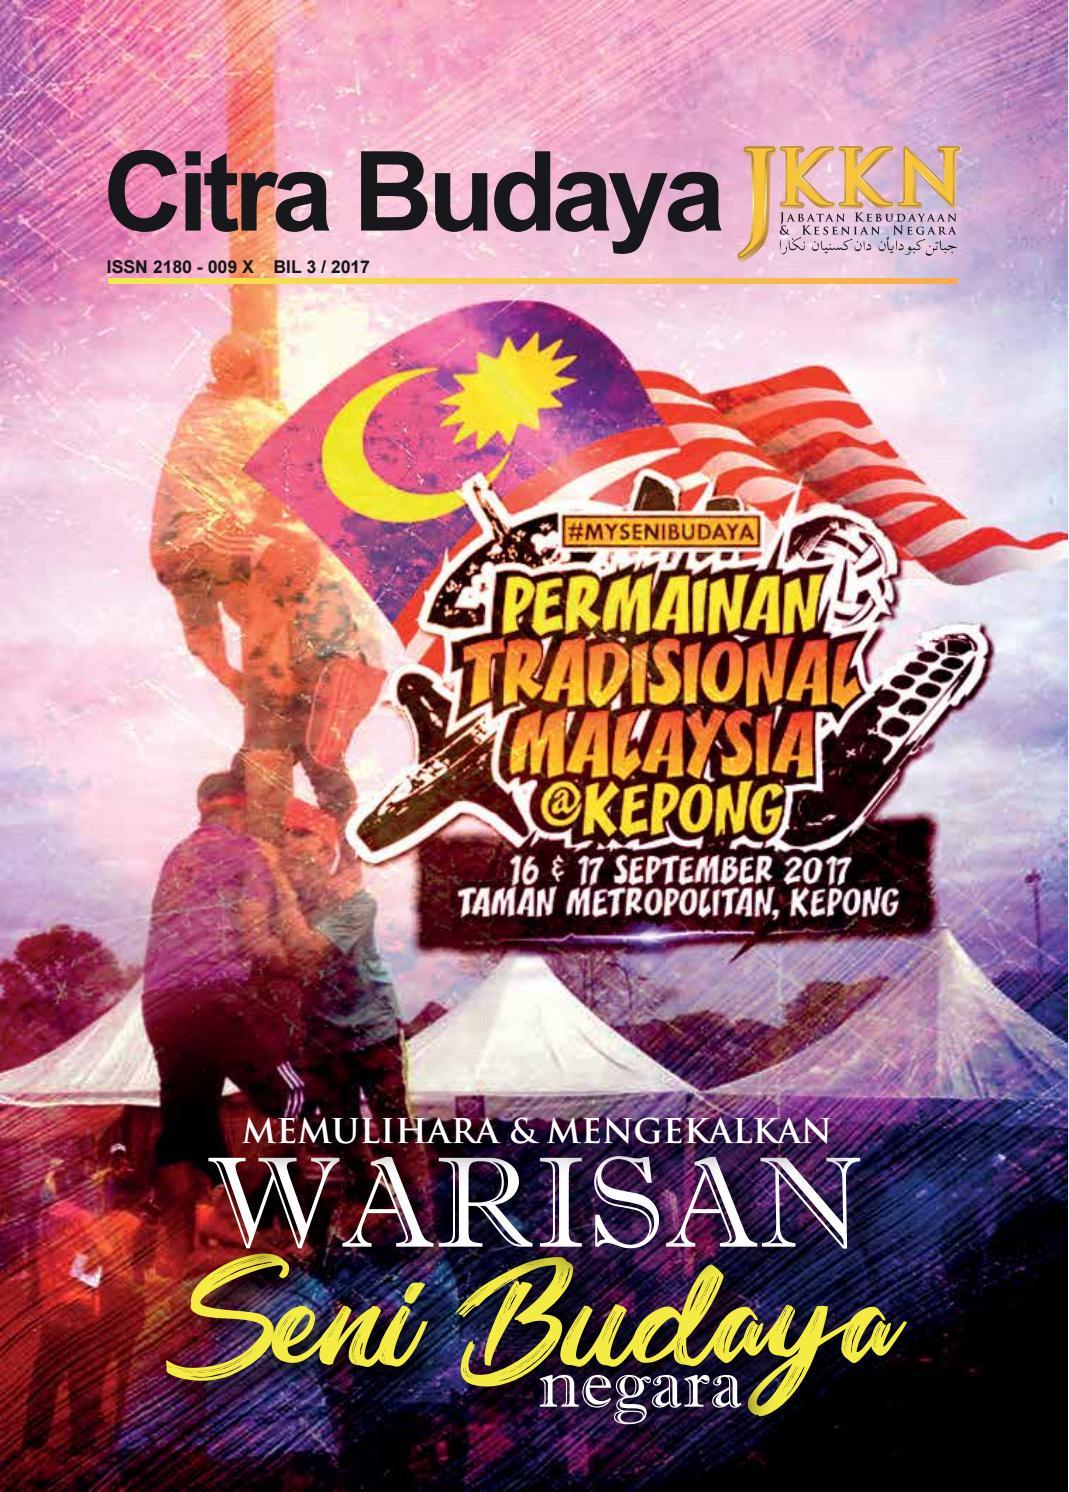 Buletin Jkkn Bil 3 2017 By Jabatan Kebudayaan Dan Kesenian Negara